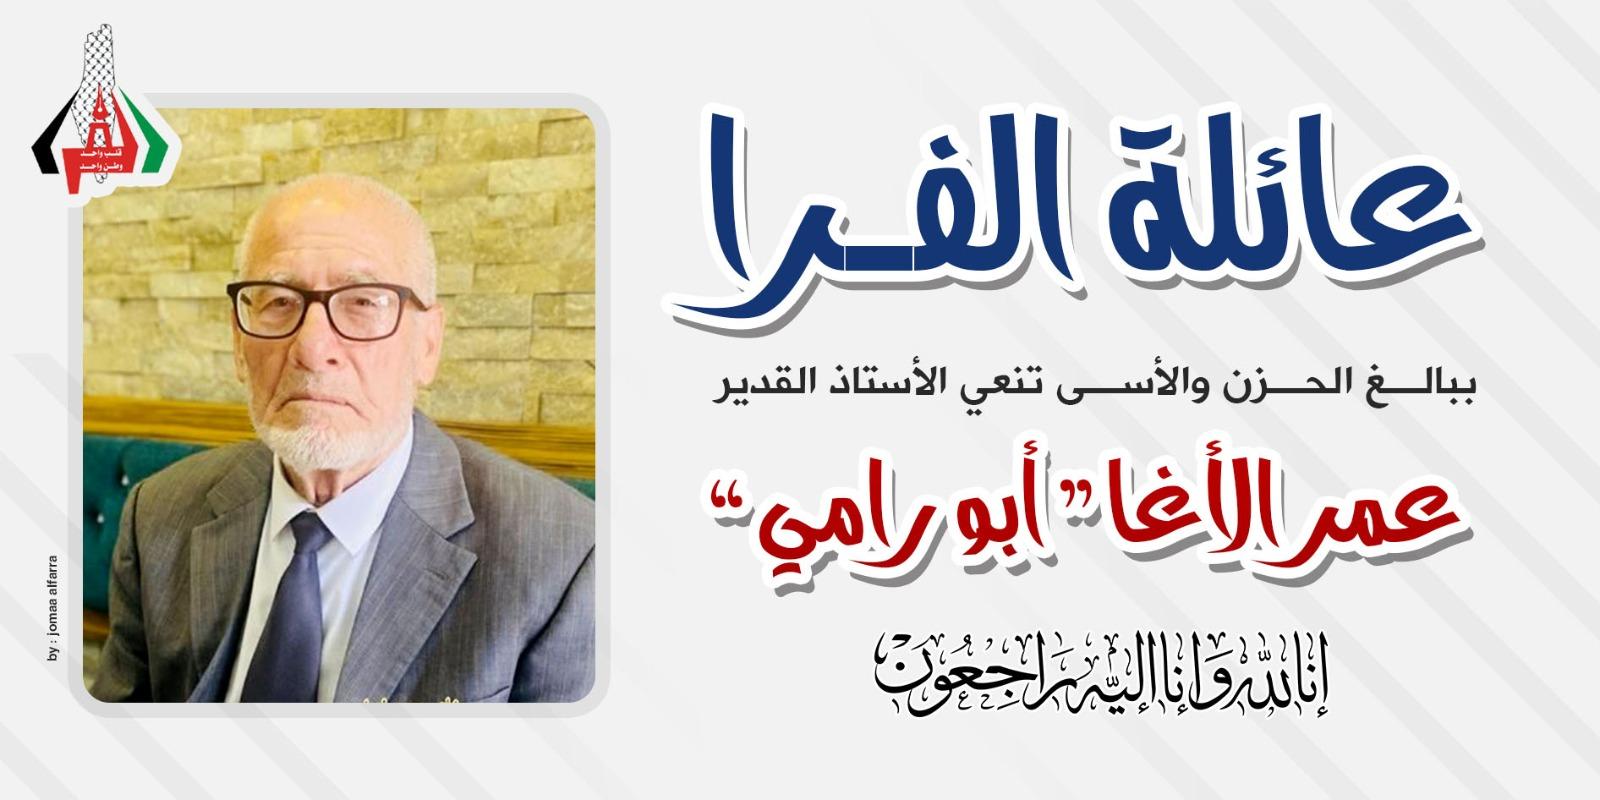 عائلة الفرا تنعي مربي الأجيال أ.عمر الأغا